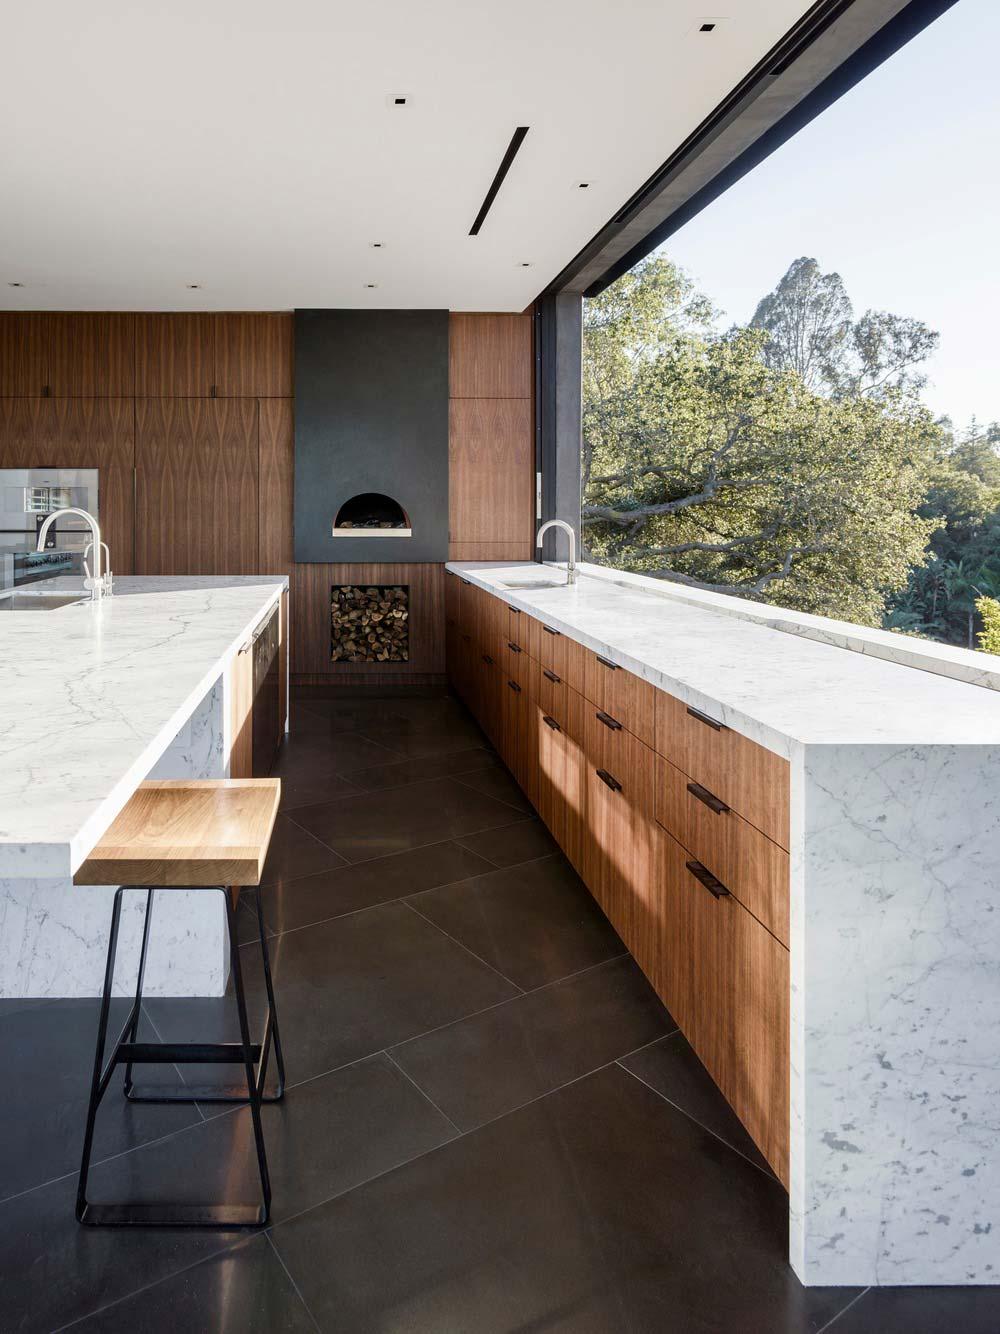 hillside home design kitchen ww - Oak Pass House